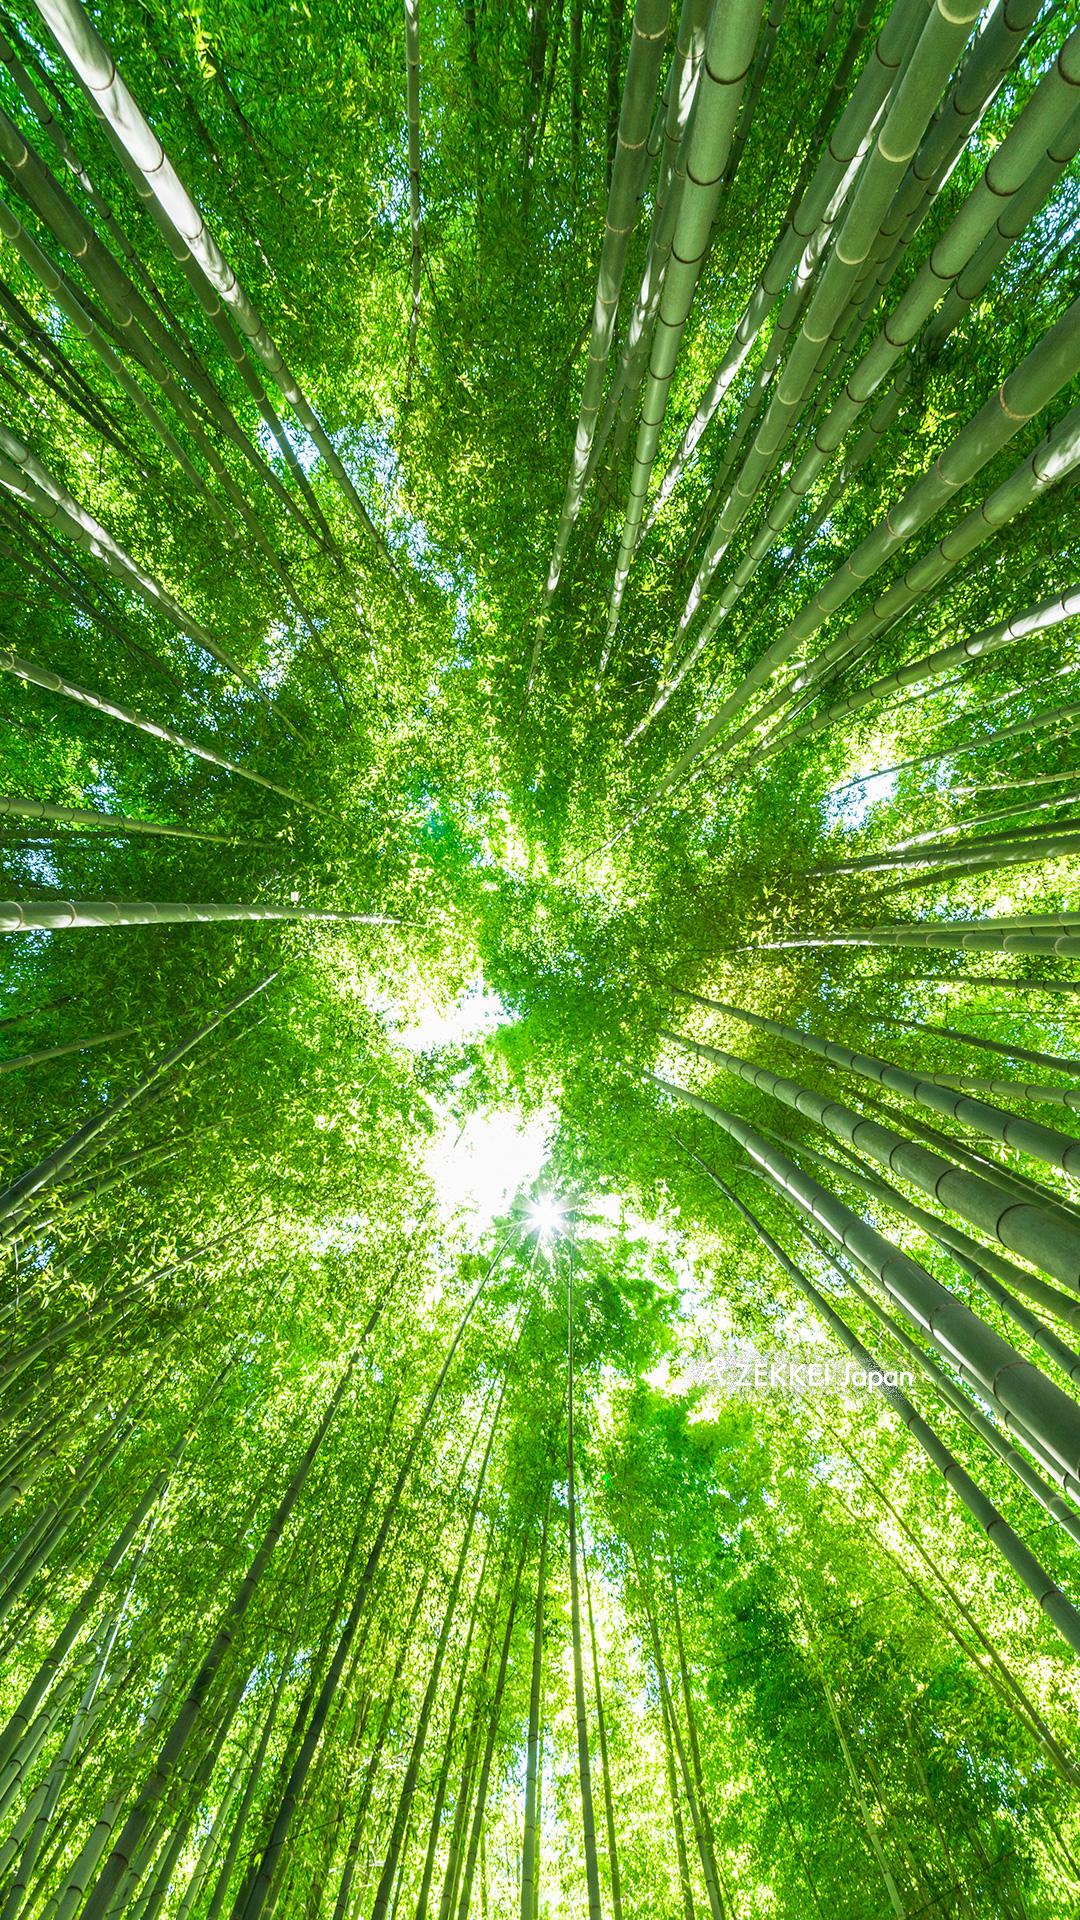 絶景壁紙 ざわざわと風にたゆたう 竹林 の壁紙をあなたの待ち受けに Zekkei Japan